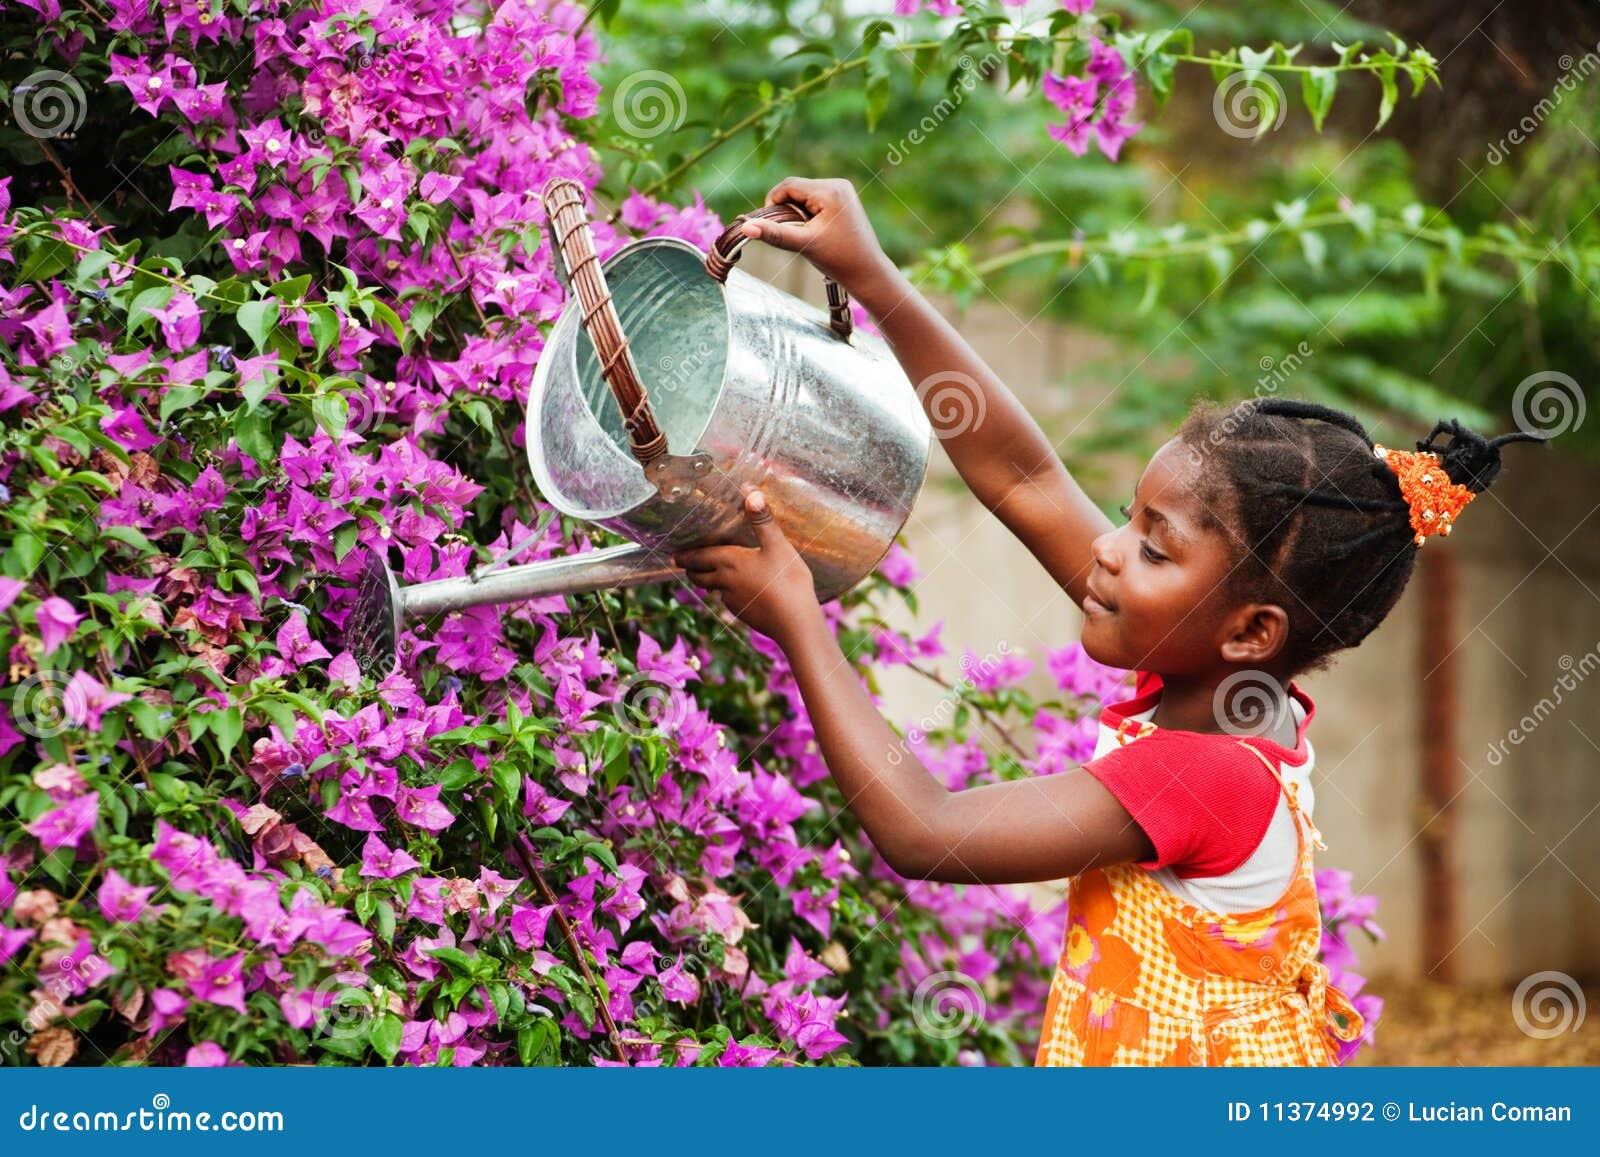 Afrikaanse tuinman